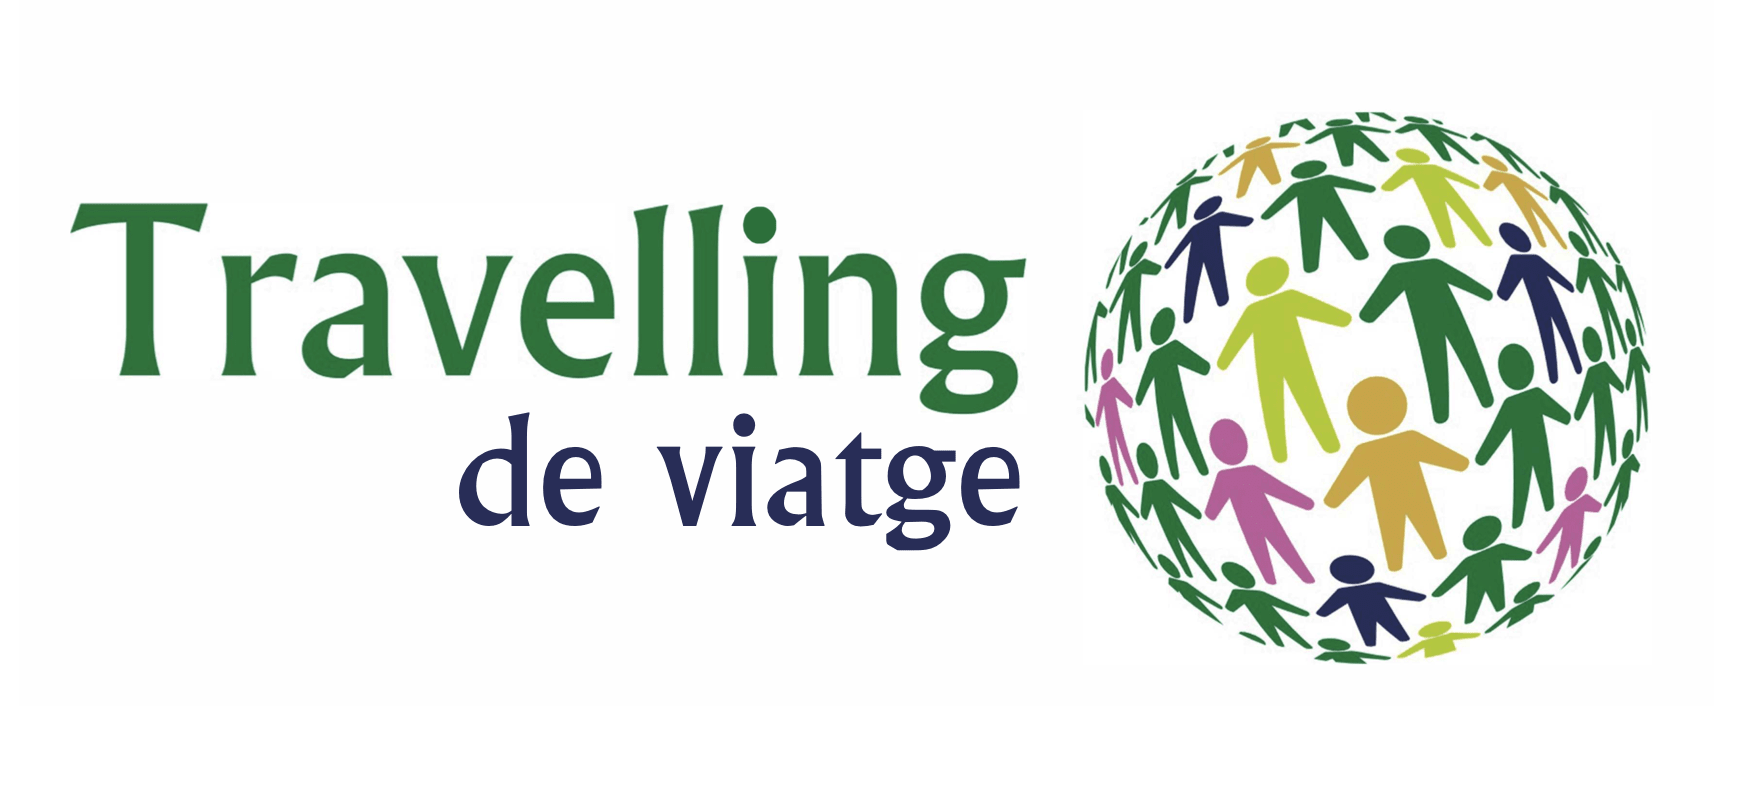 Travelling de Viatge